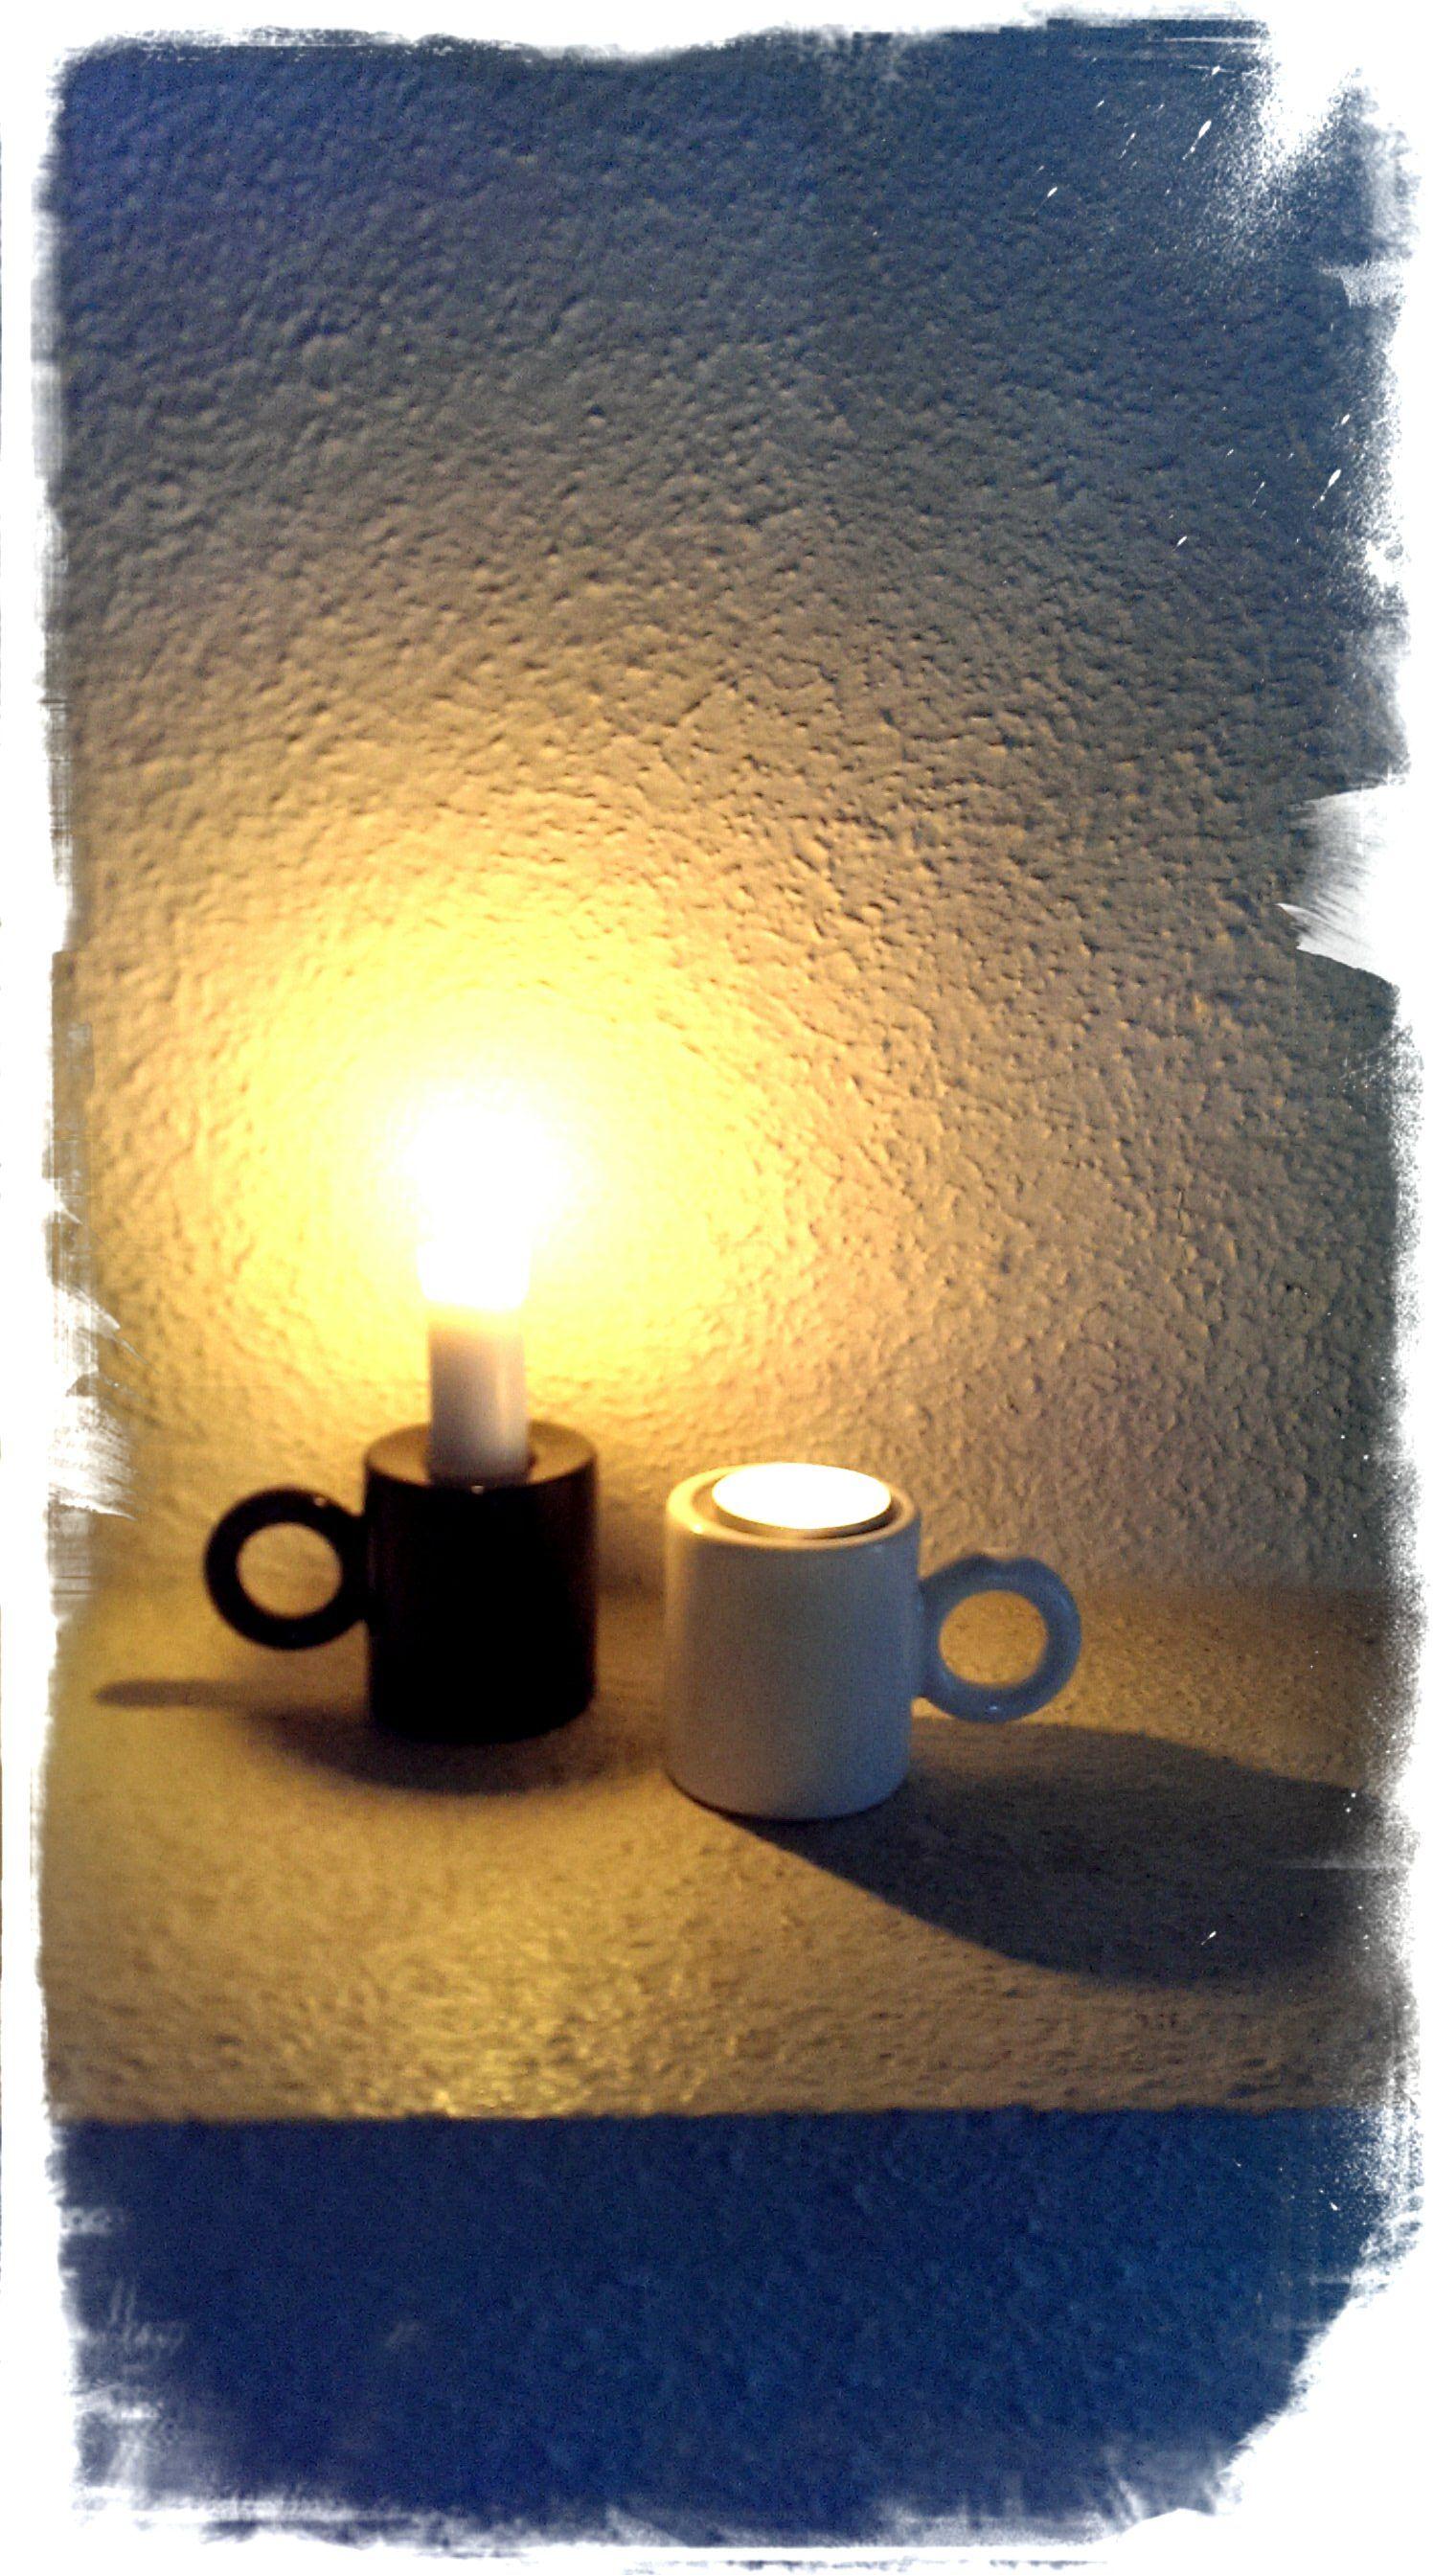 Eero Aarnion suunnittelema Kotivalo! Toisella puolella kolo kynttilälle ja toisella tuikulle!